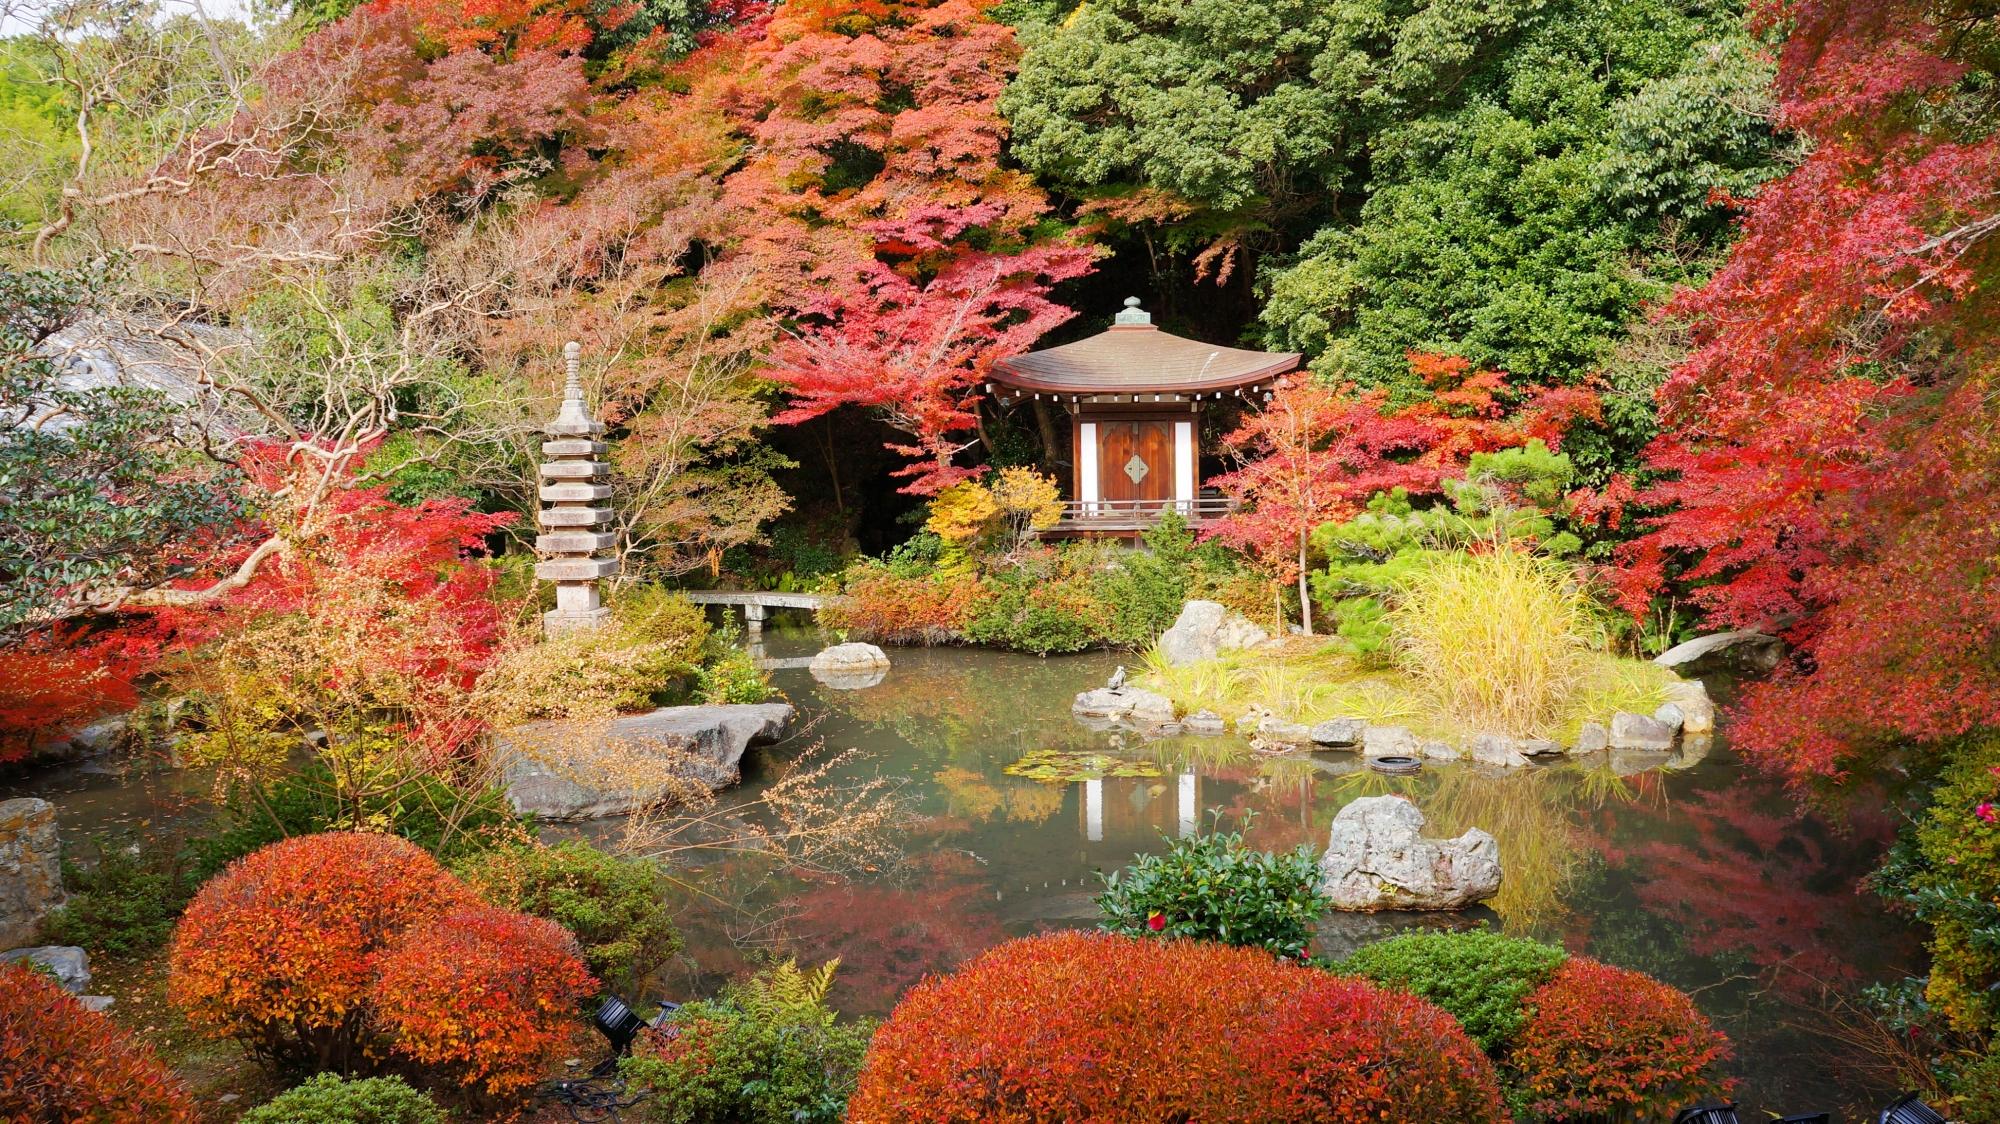 毘沙門堂の素晴らしい紅葉と華やかな秋